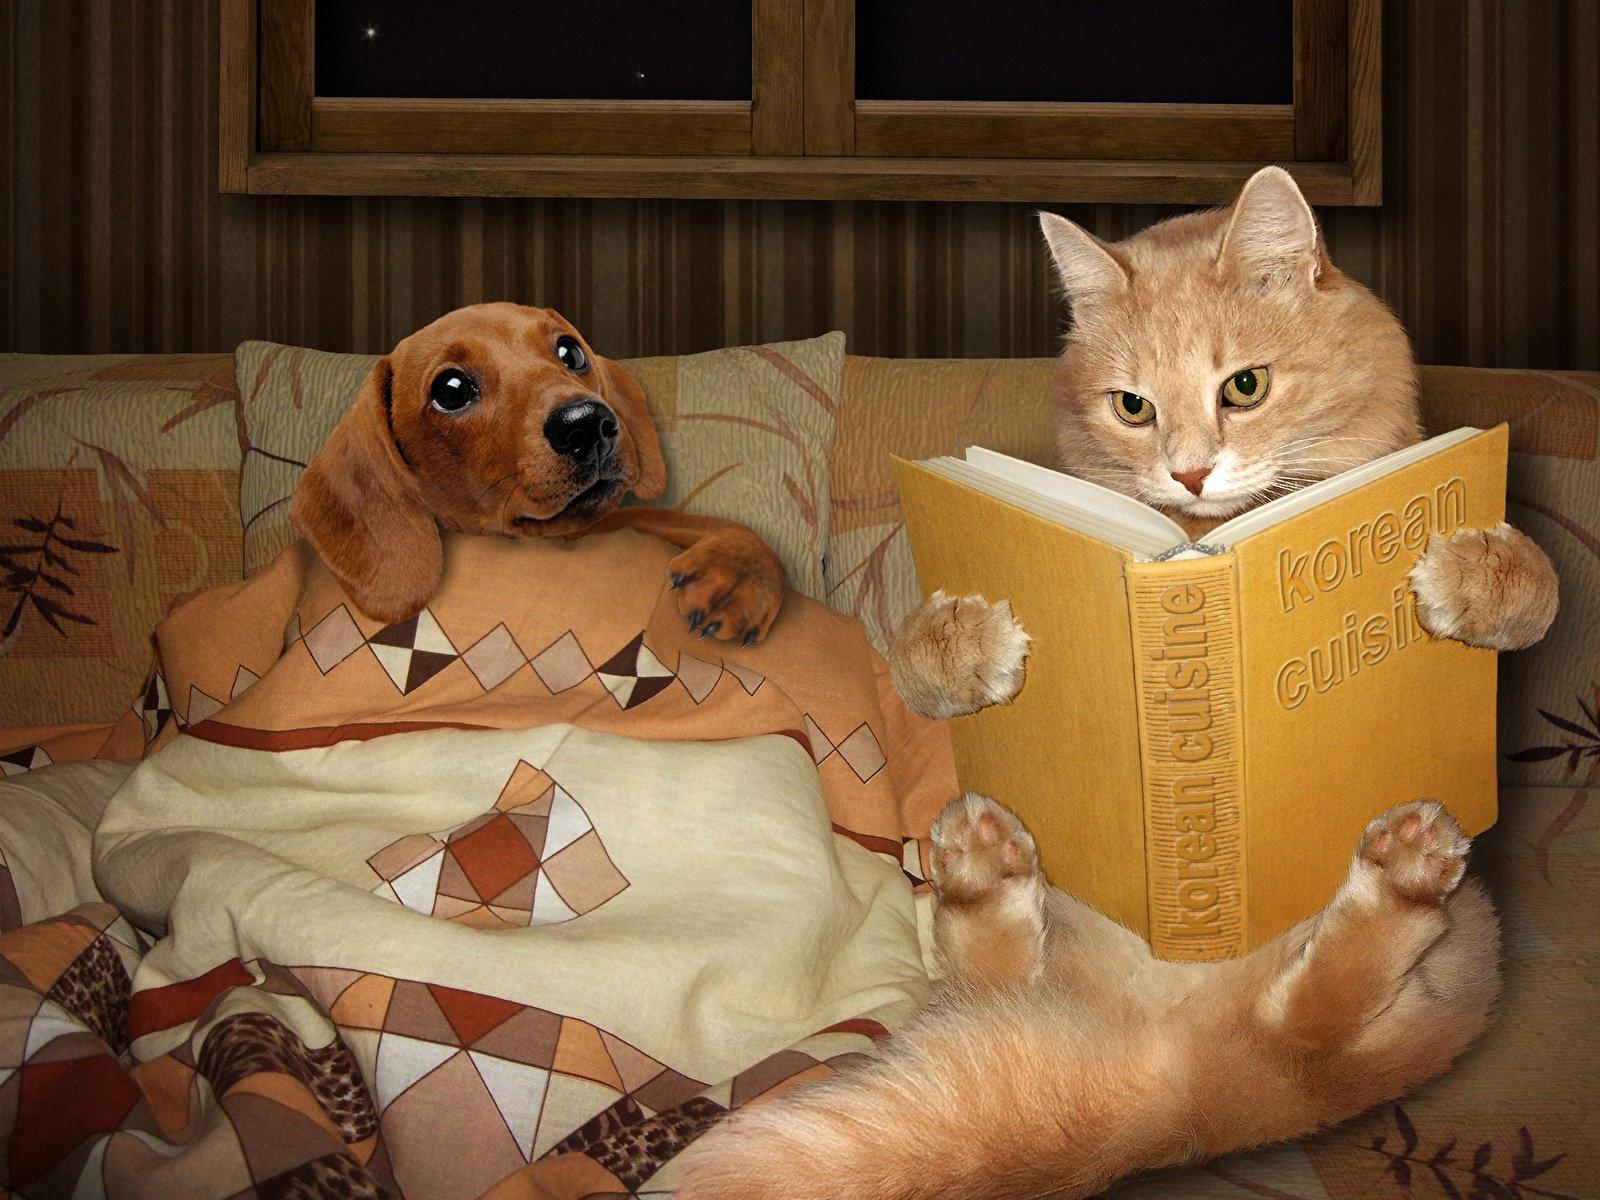 Смешные картинки, смешные картинки про кота и собаку